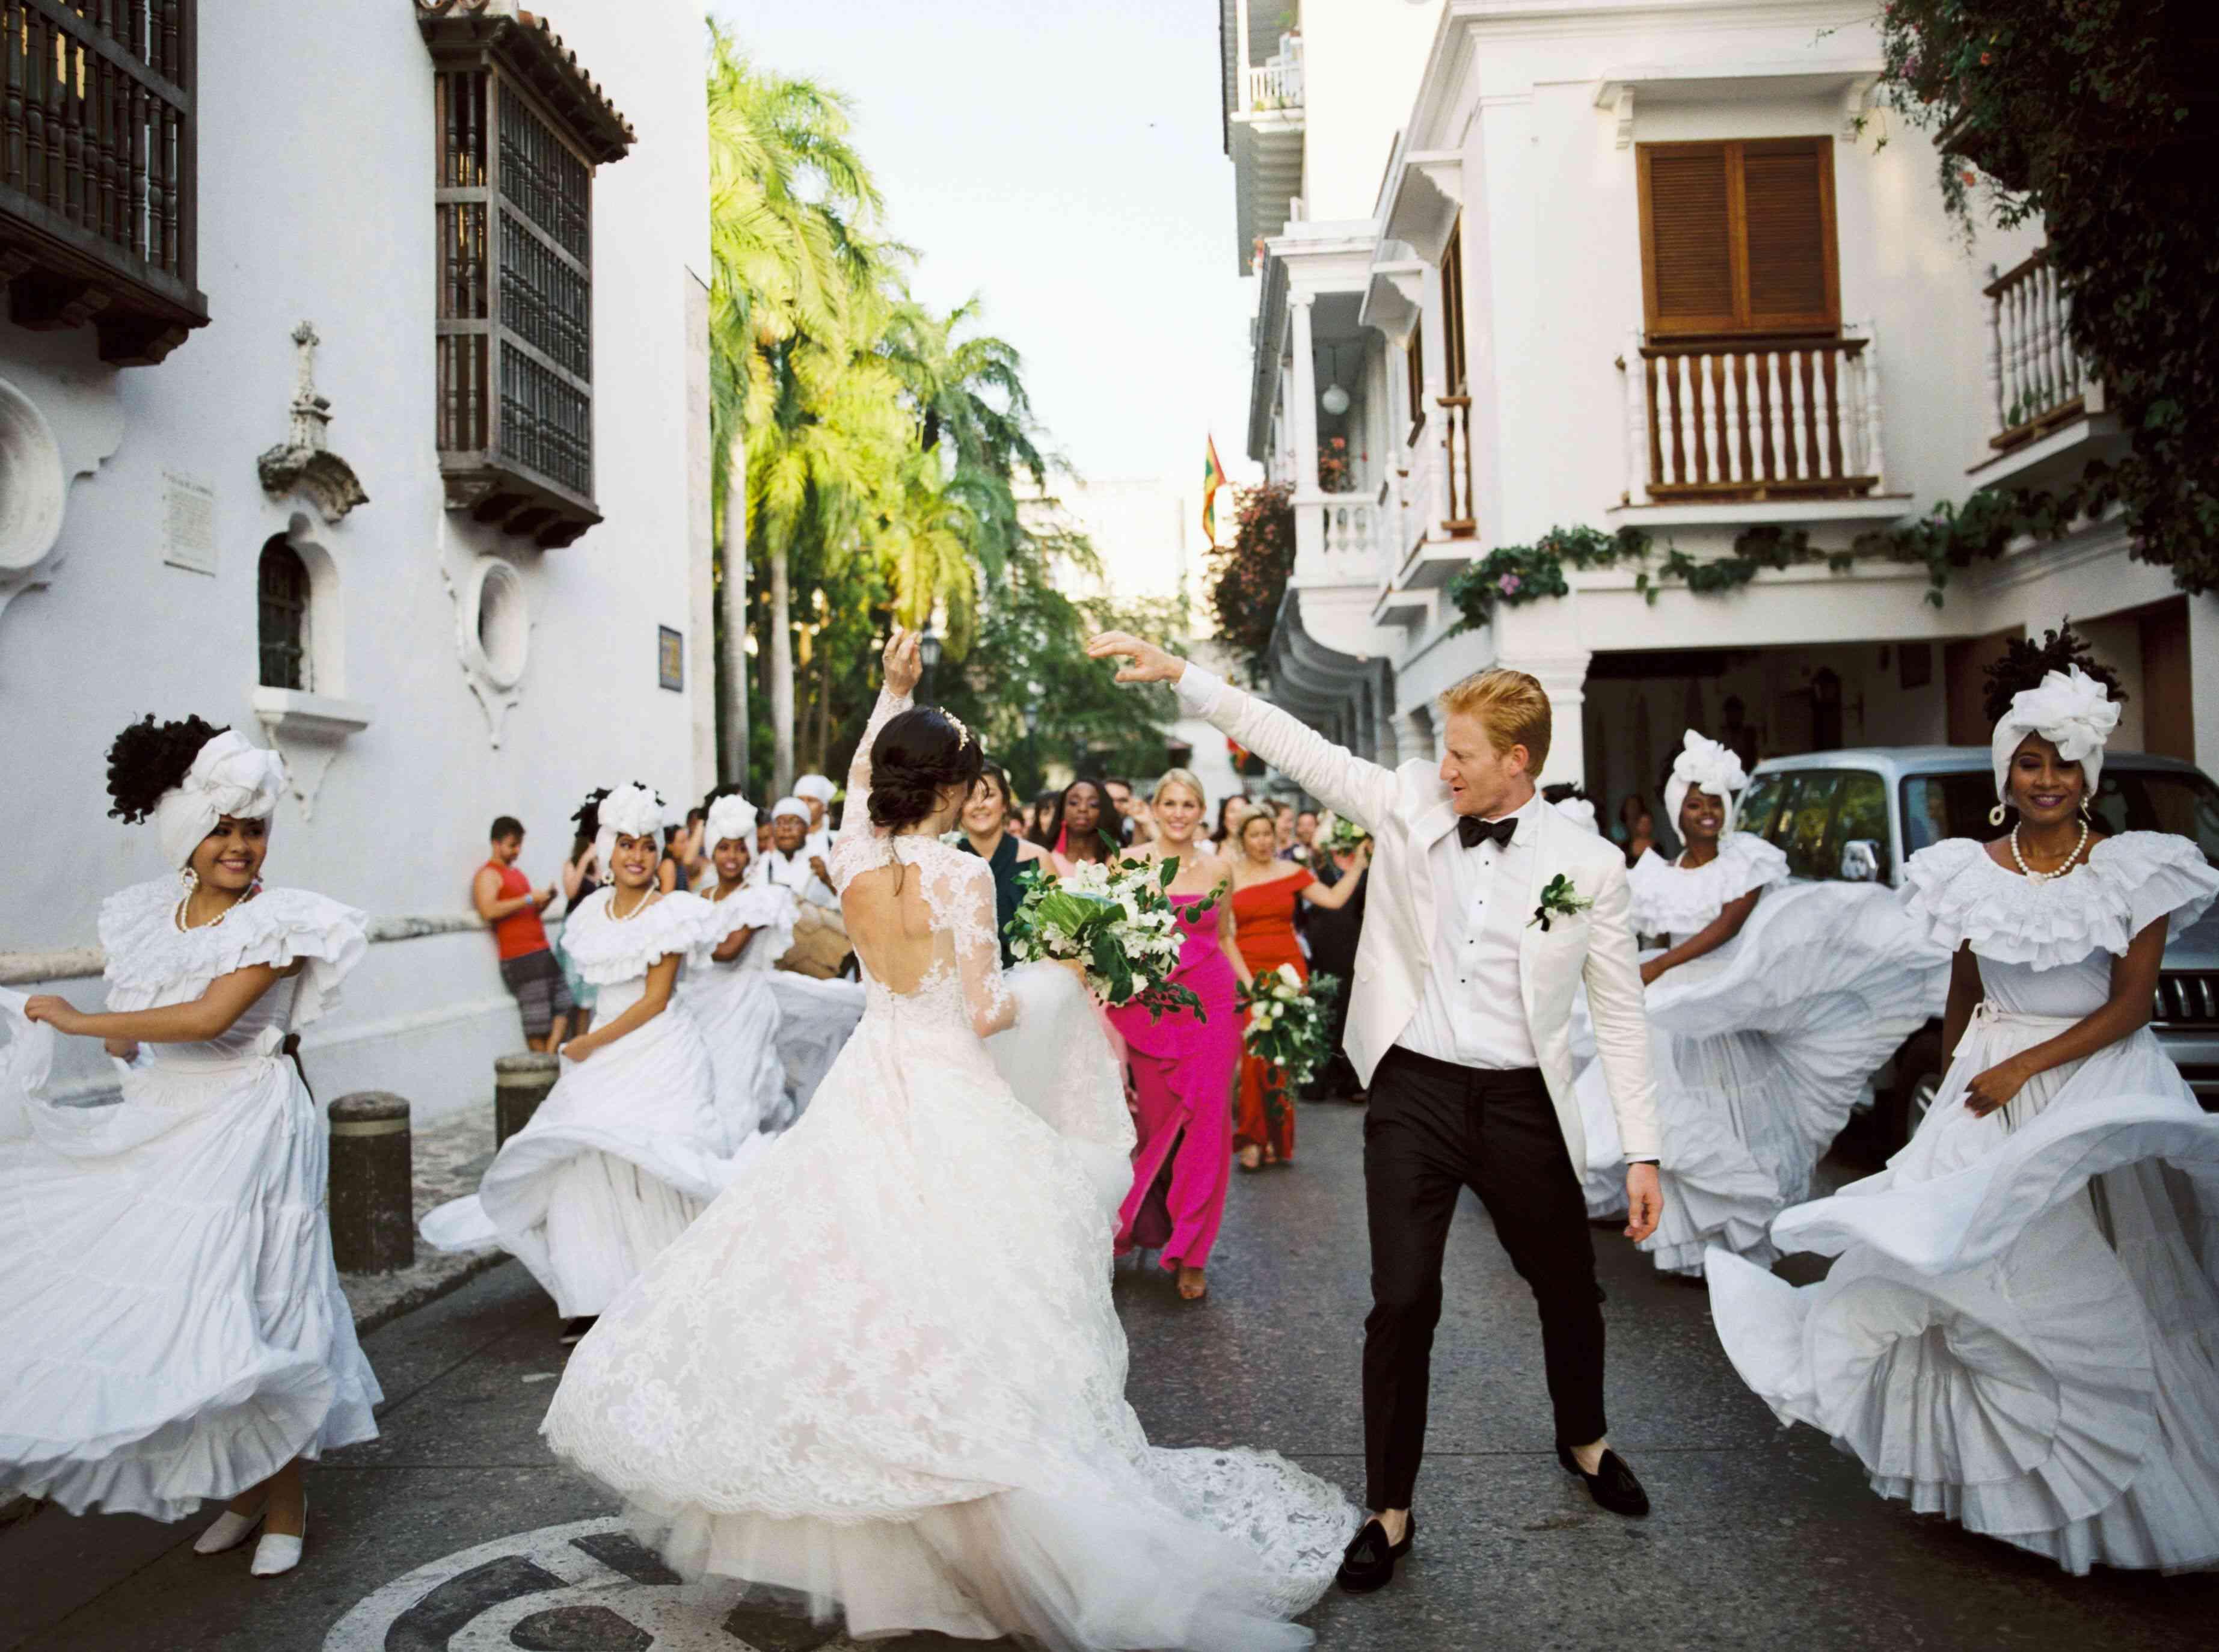 La Callejoneada (Wedding Parade)